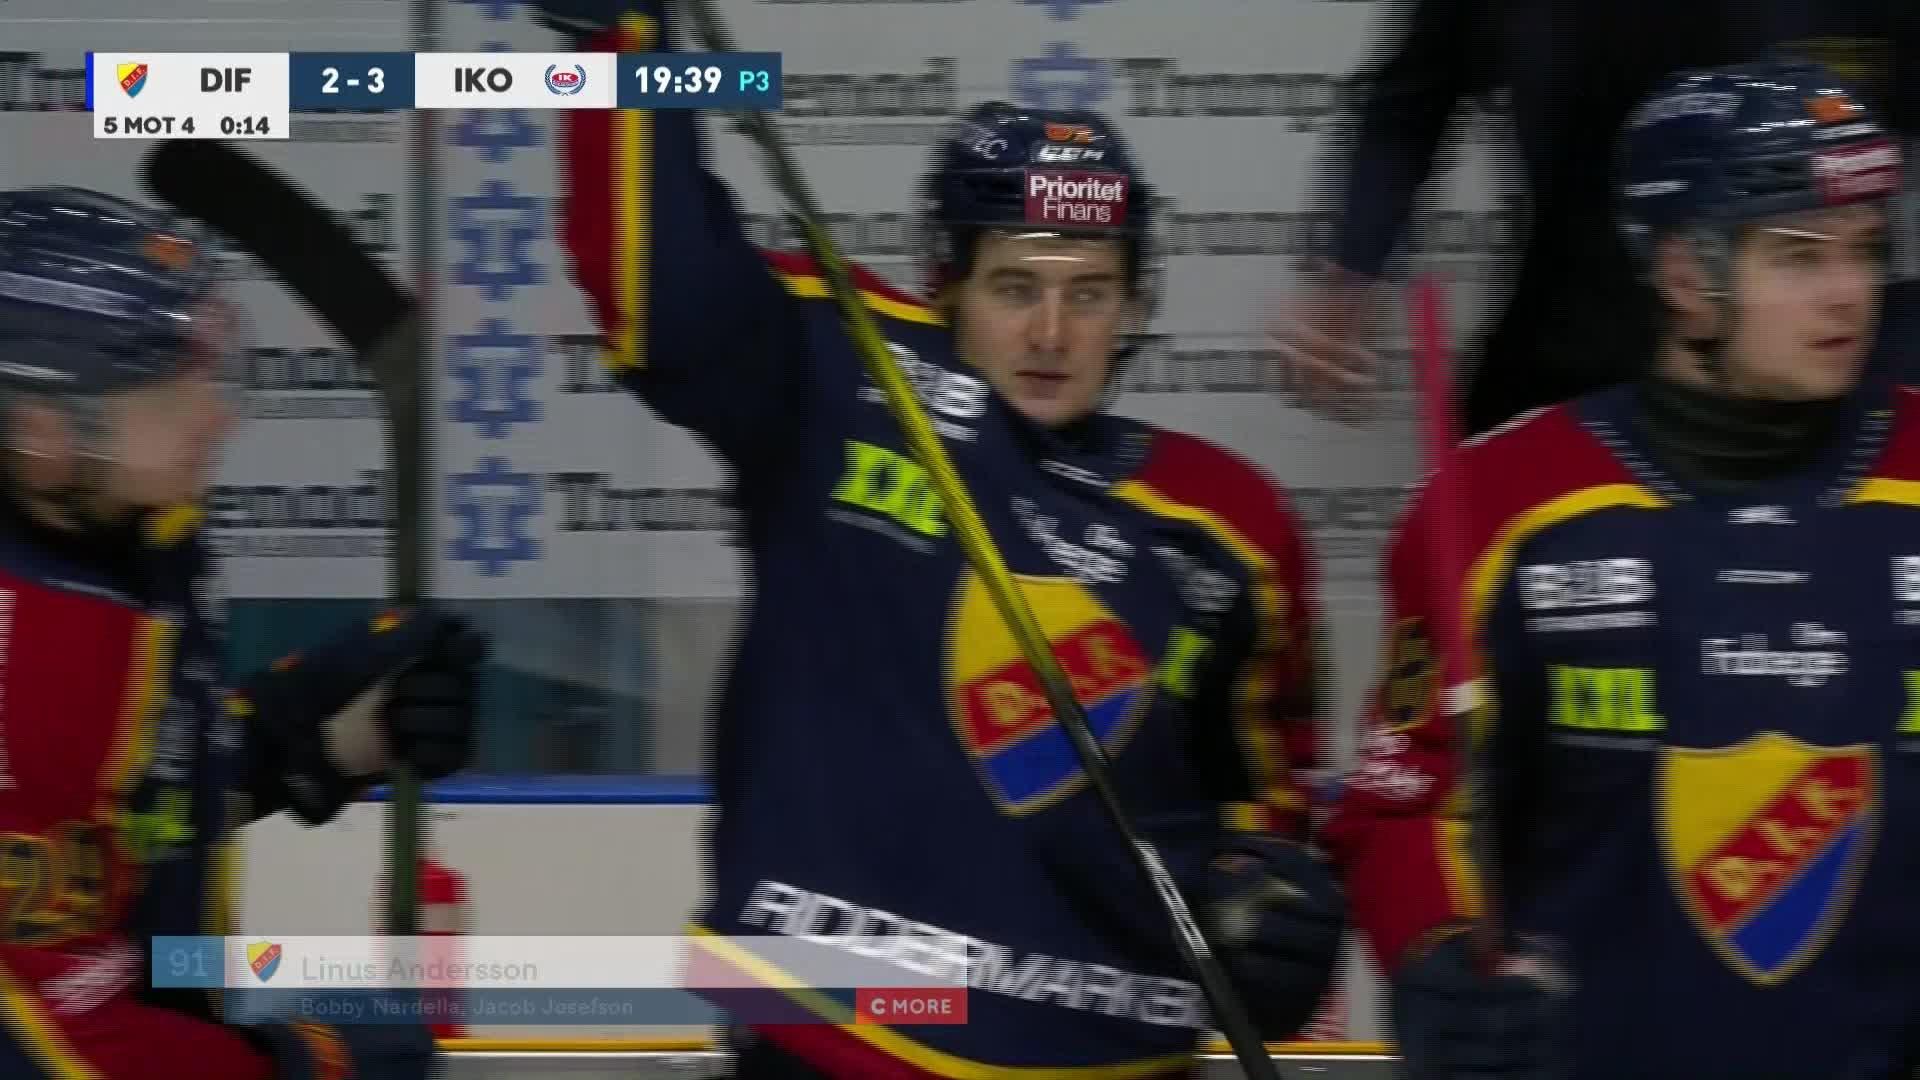 Djurgården Hockey - IK Oskarshamn 2-3